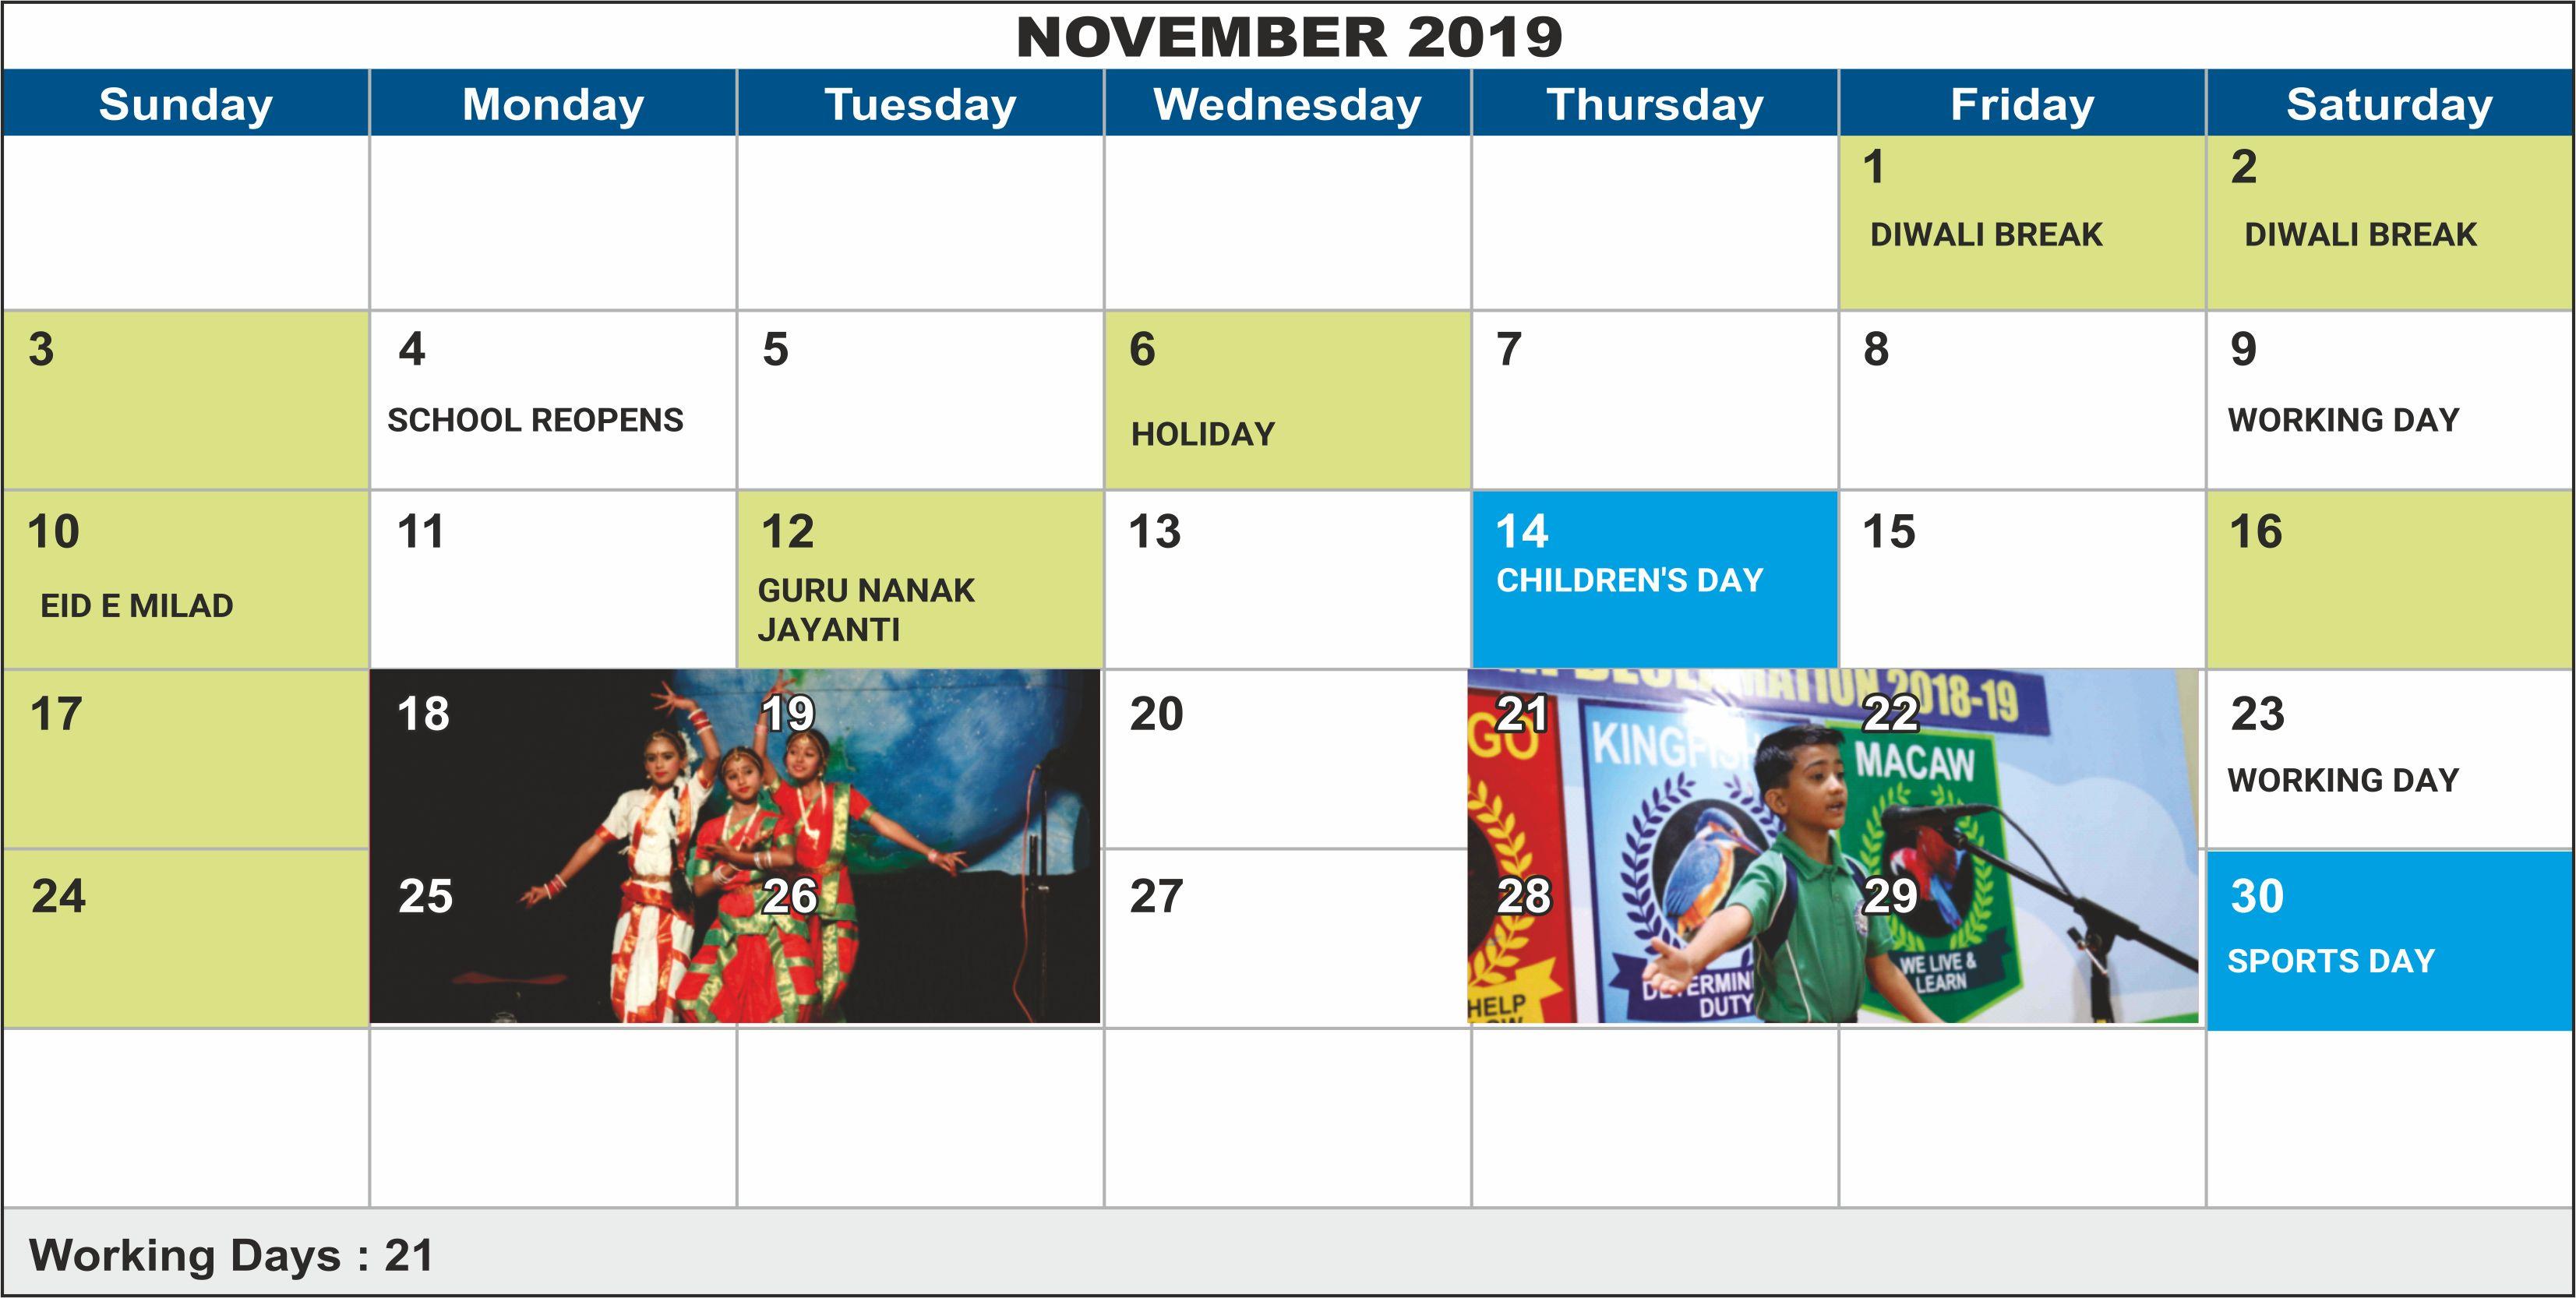 november-19